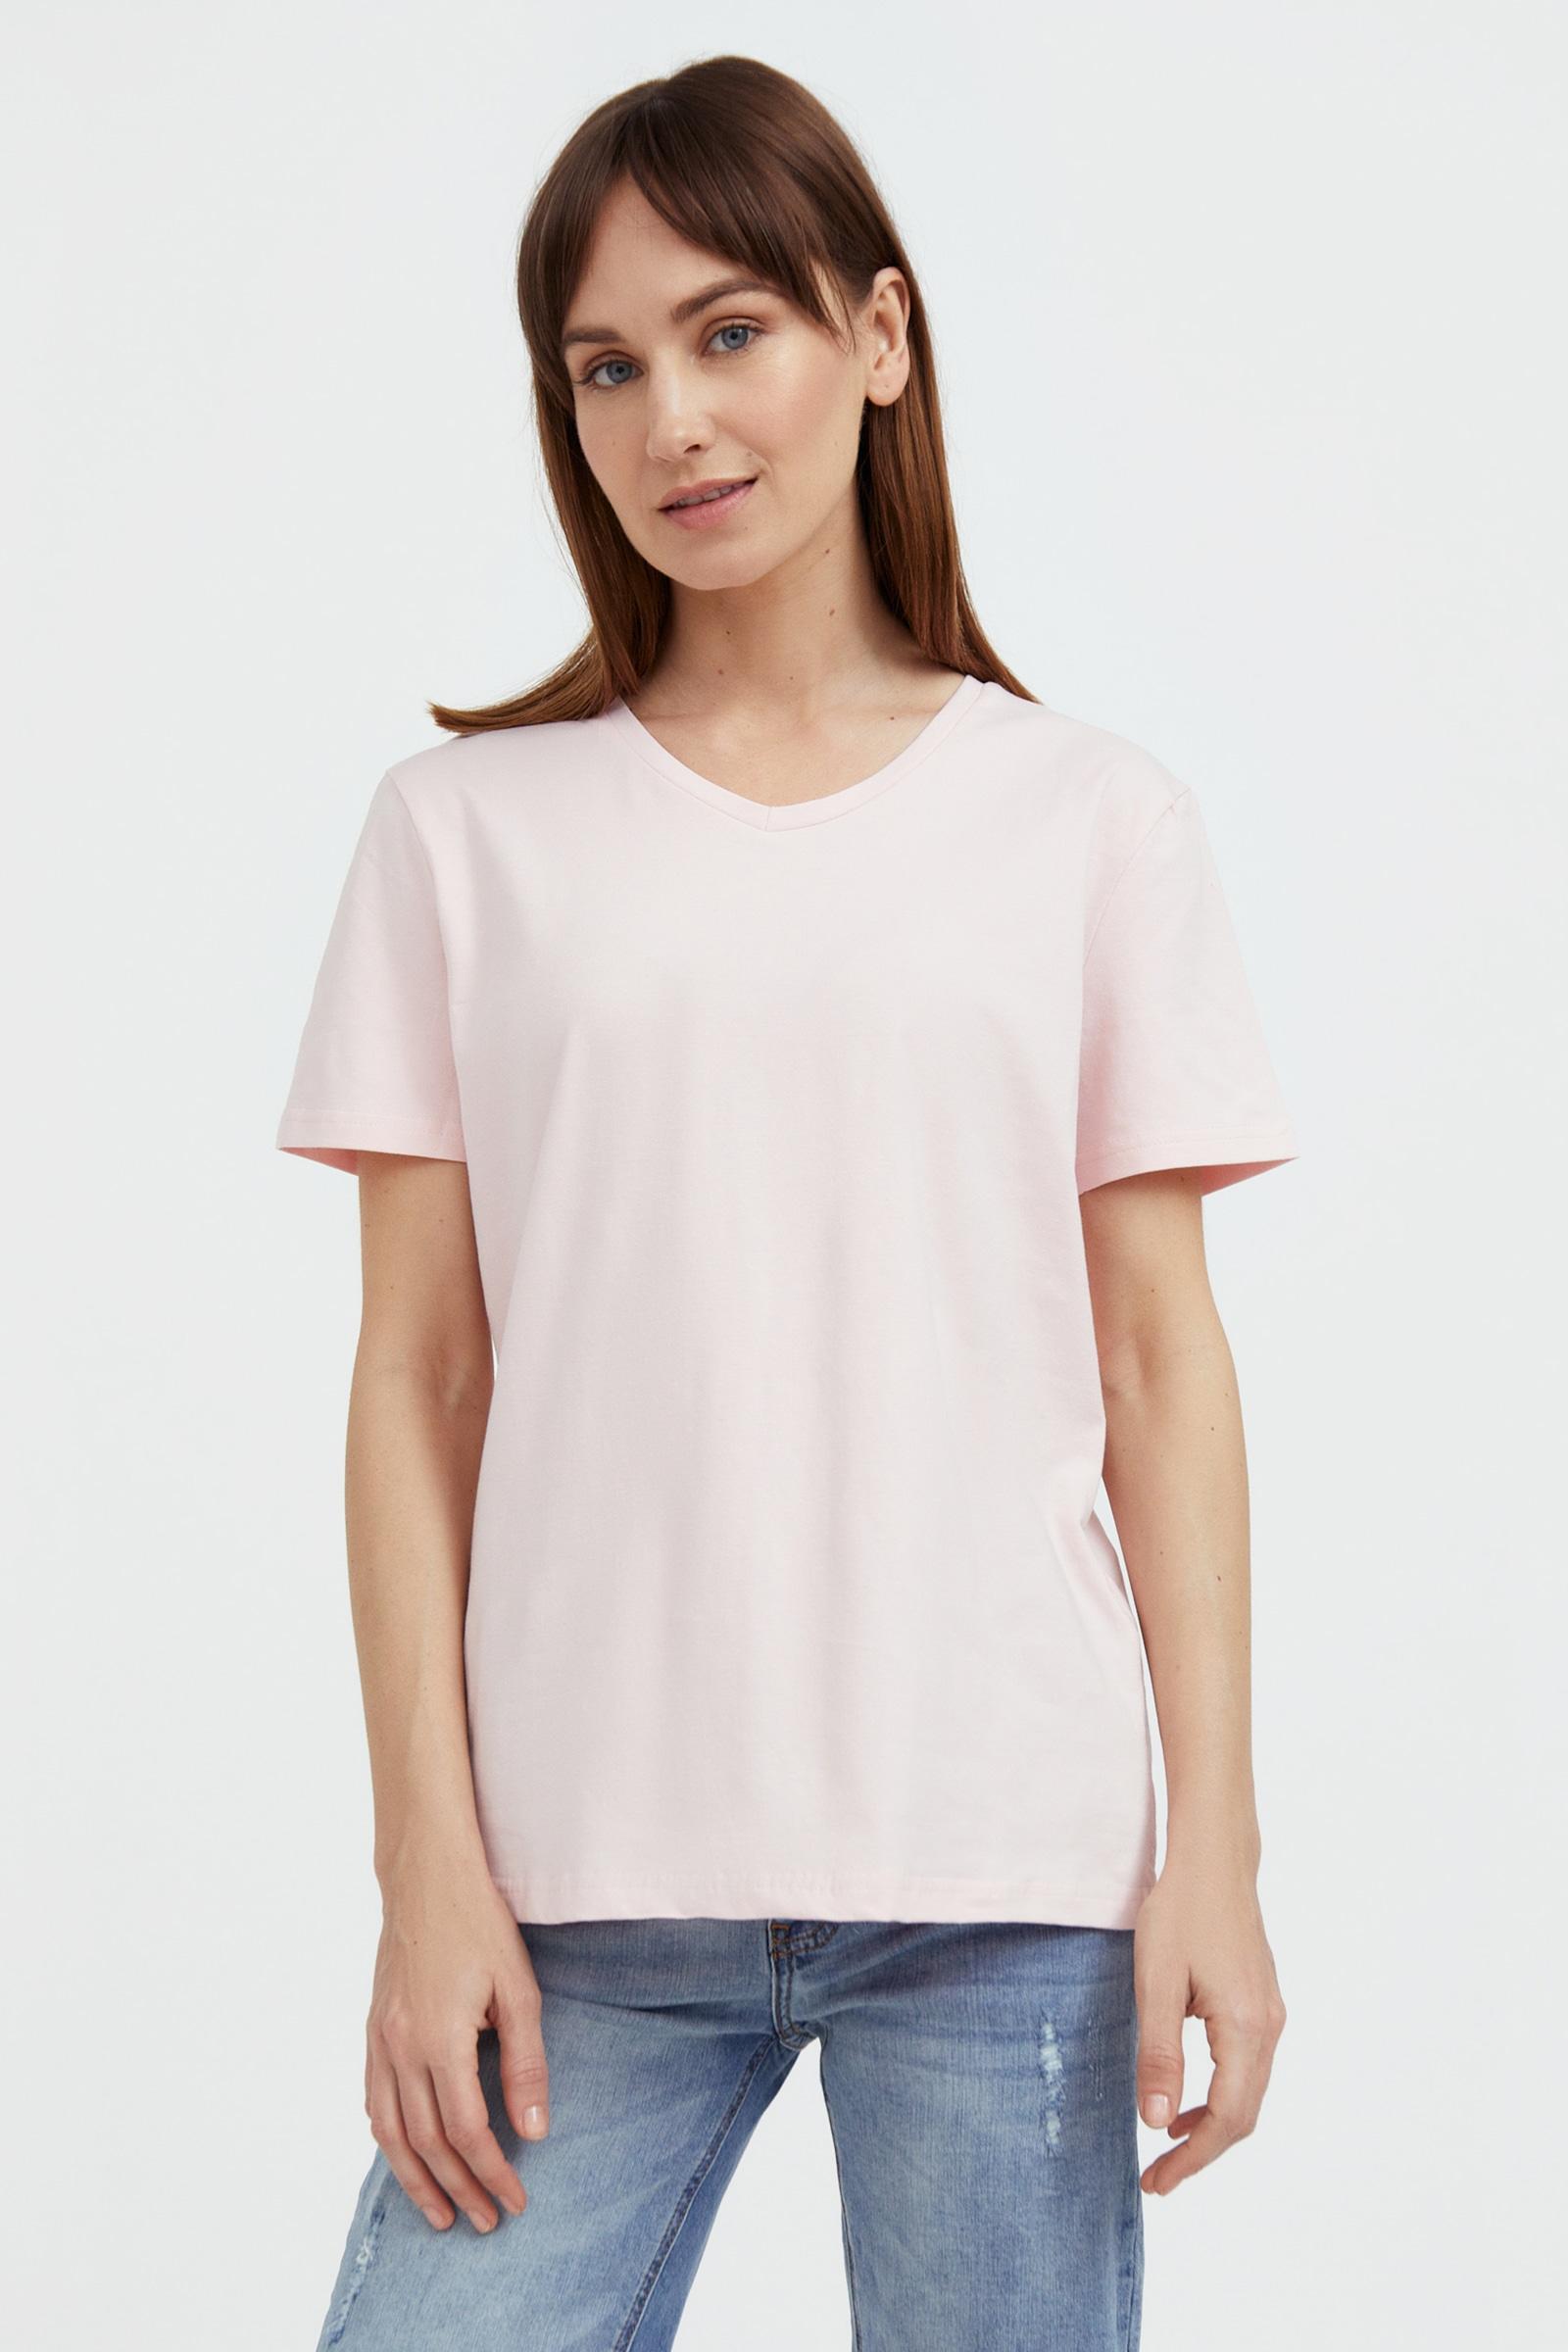 finn flare -  T-Shirt, mit V-Ausschnitt